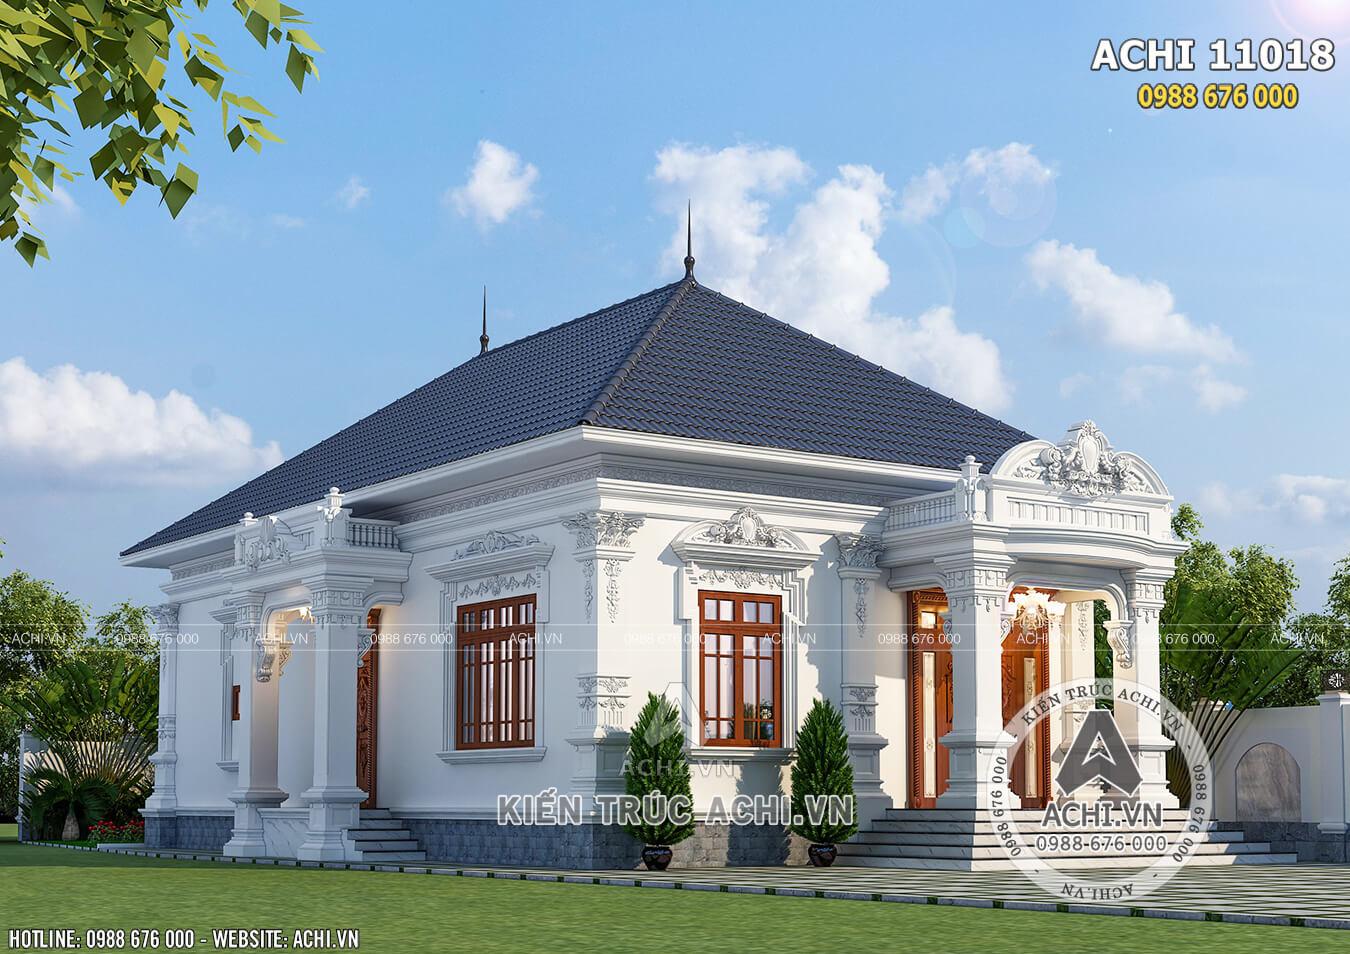 Thiết kế biệt thự tân cổ điển 1 tầng tại Đồng Nai – ACHI 11018